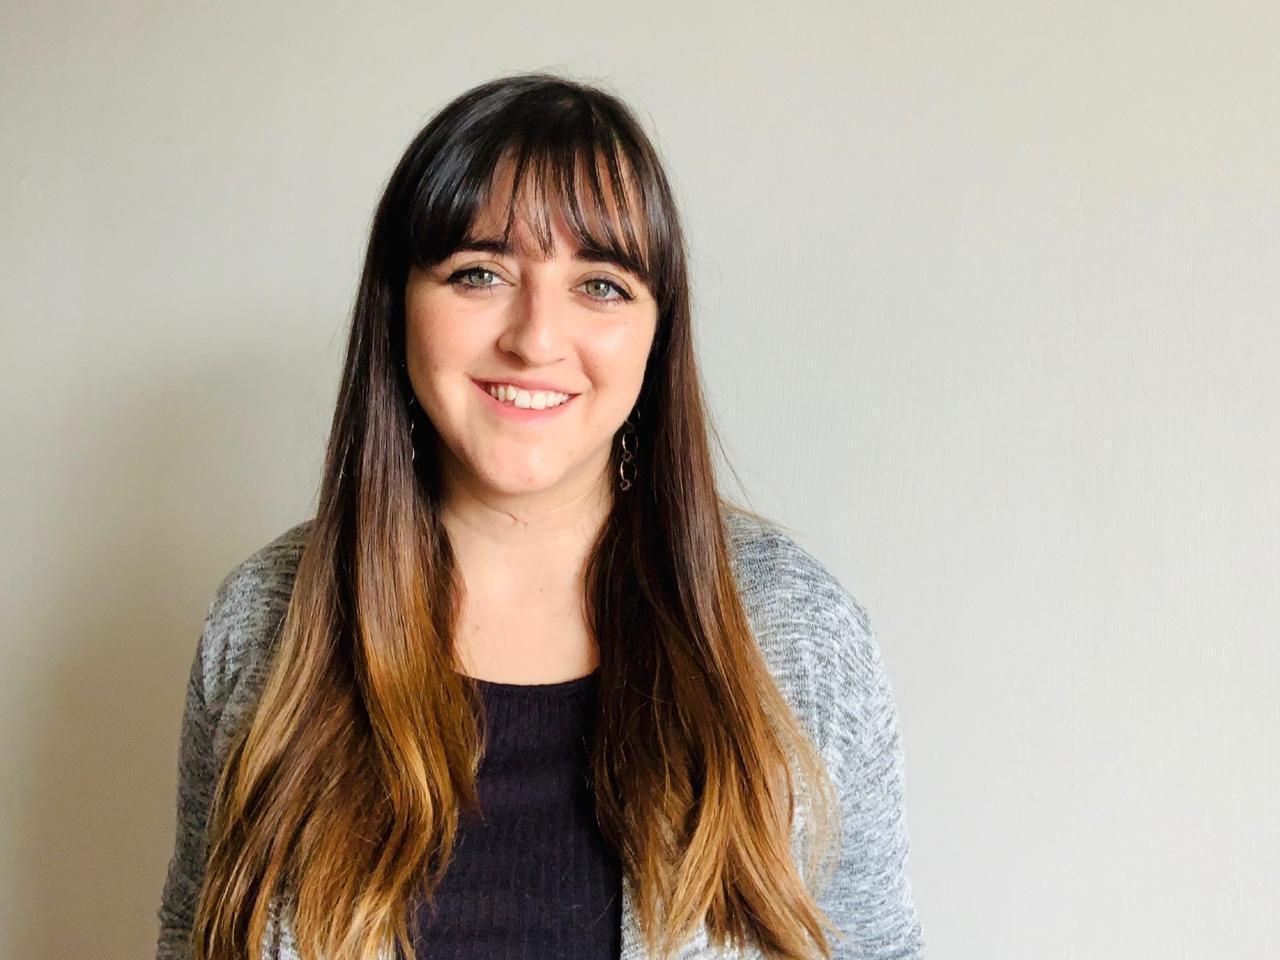 Camila Mardones de PortalPyme nos habló de emprendimientos que combaten el aumento de contagios de Covid-19